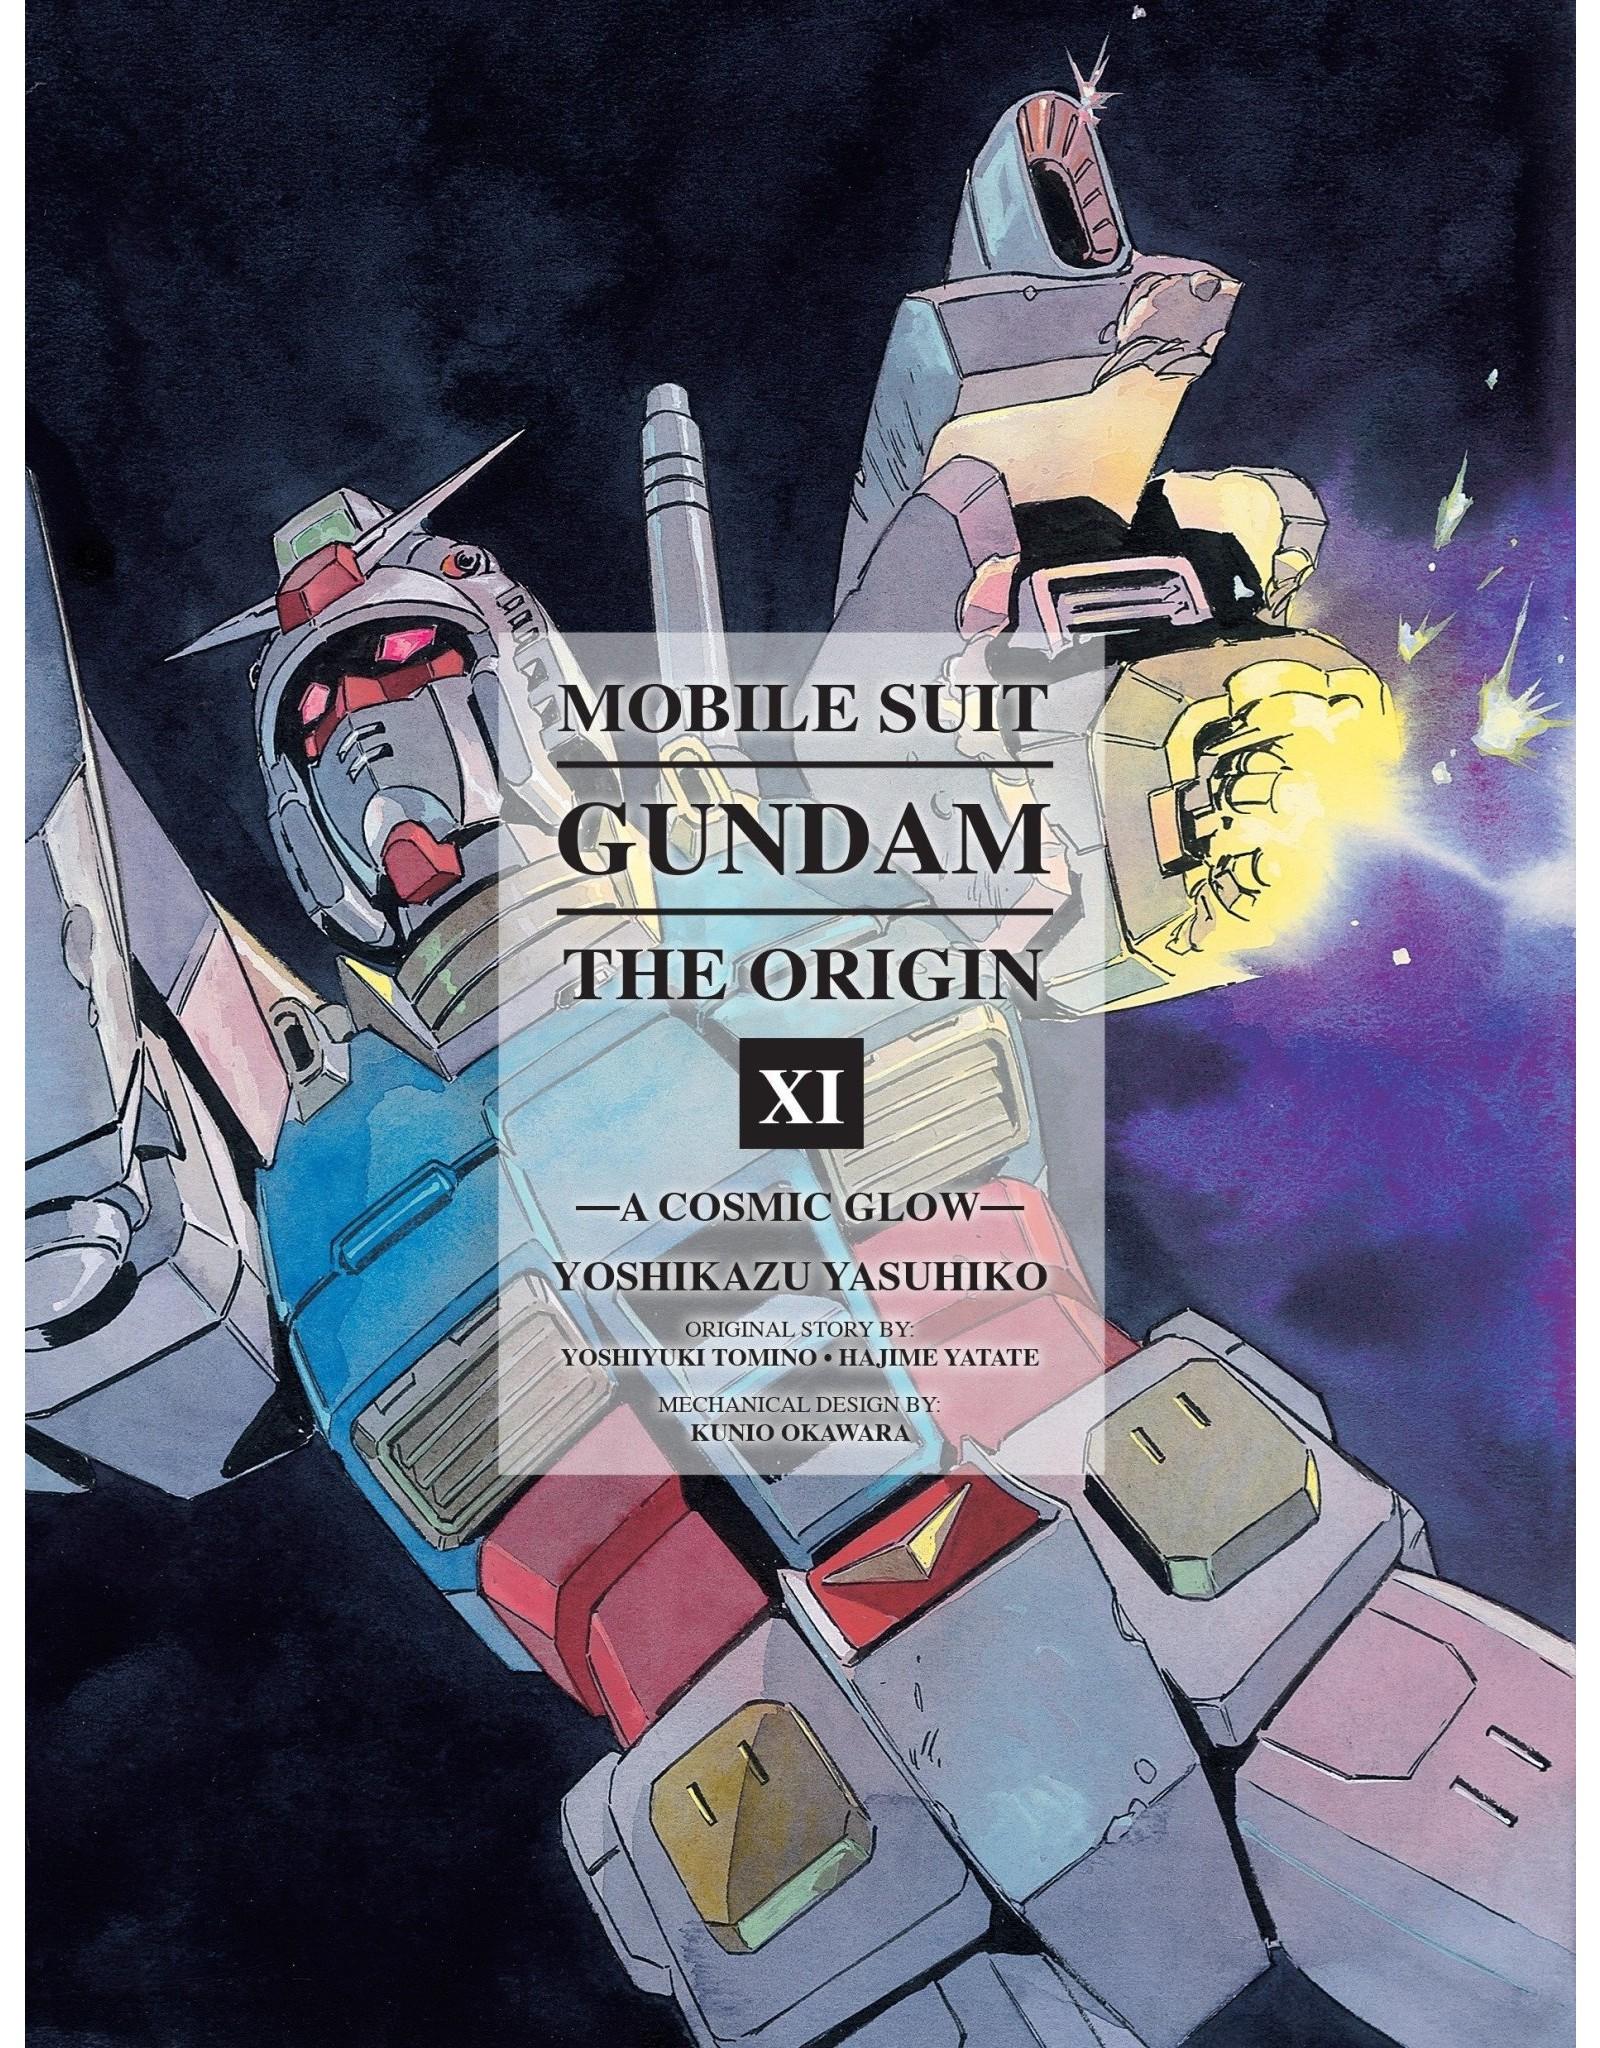 Mobile Suit Gundam: The Origin XI (Engelstalig)